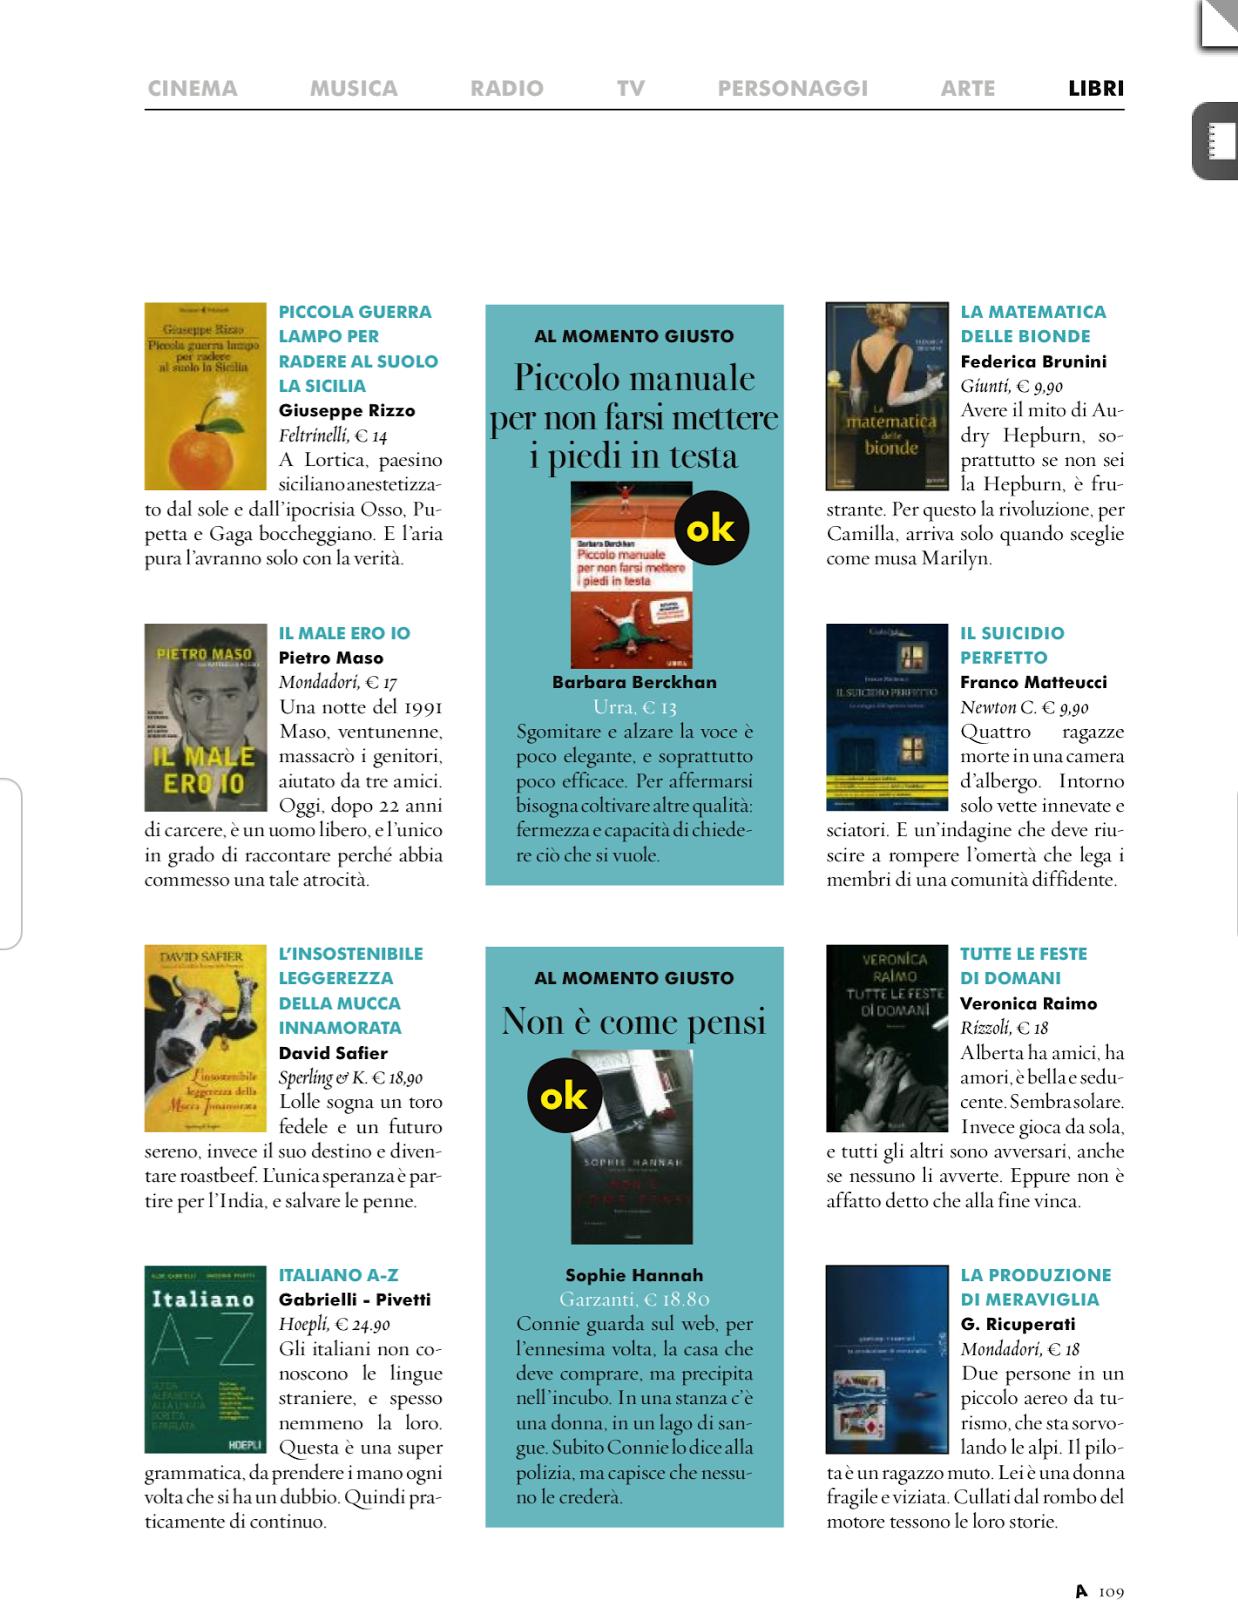 Piccolo Manuale Per Non Farsi Mettere I Piedi In Testa.La Rassegna Dei Libri Rassegna Dei Libri 17 Settimana Dal 25